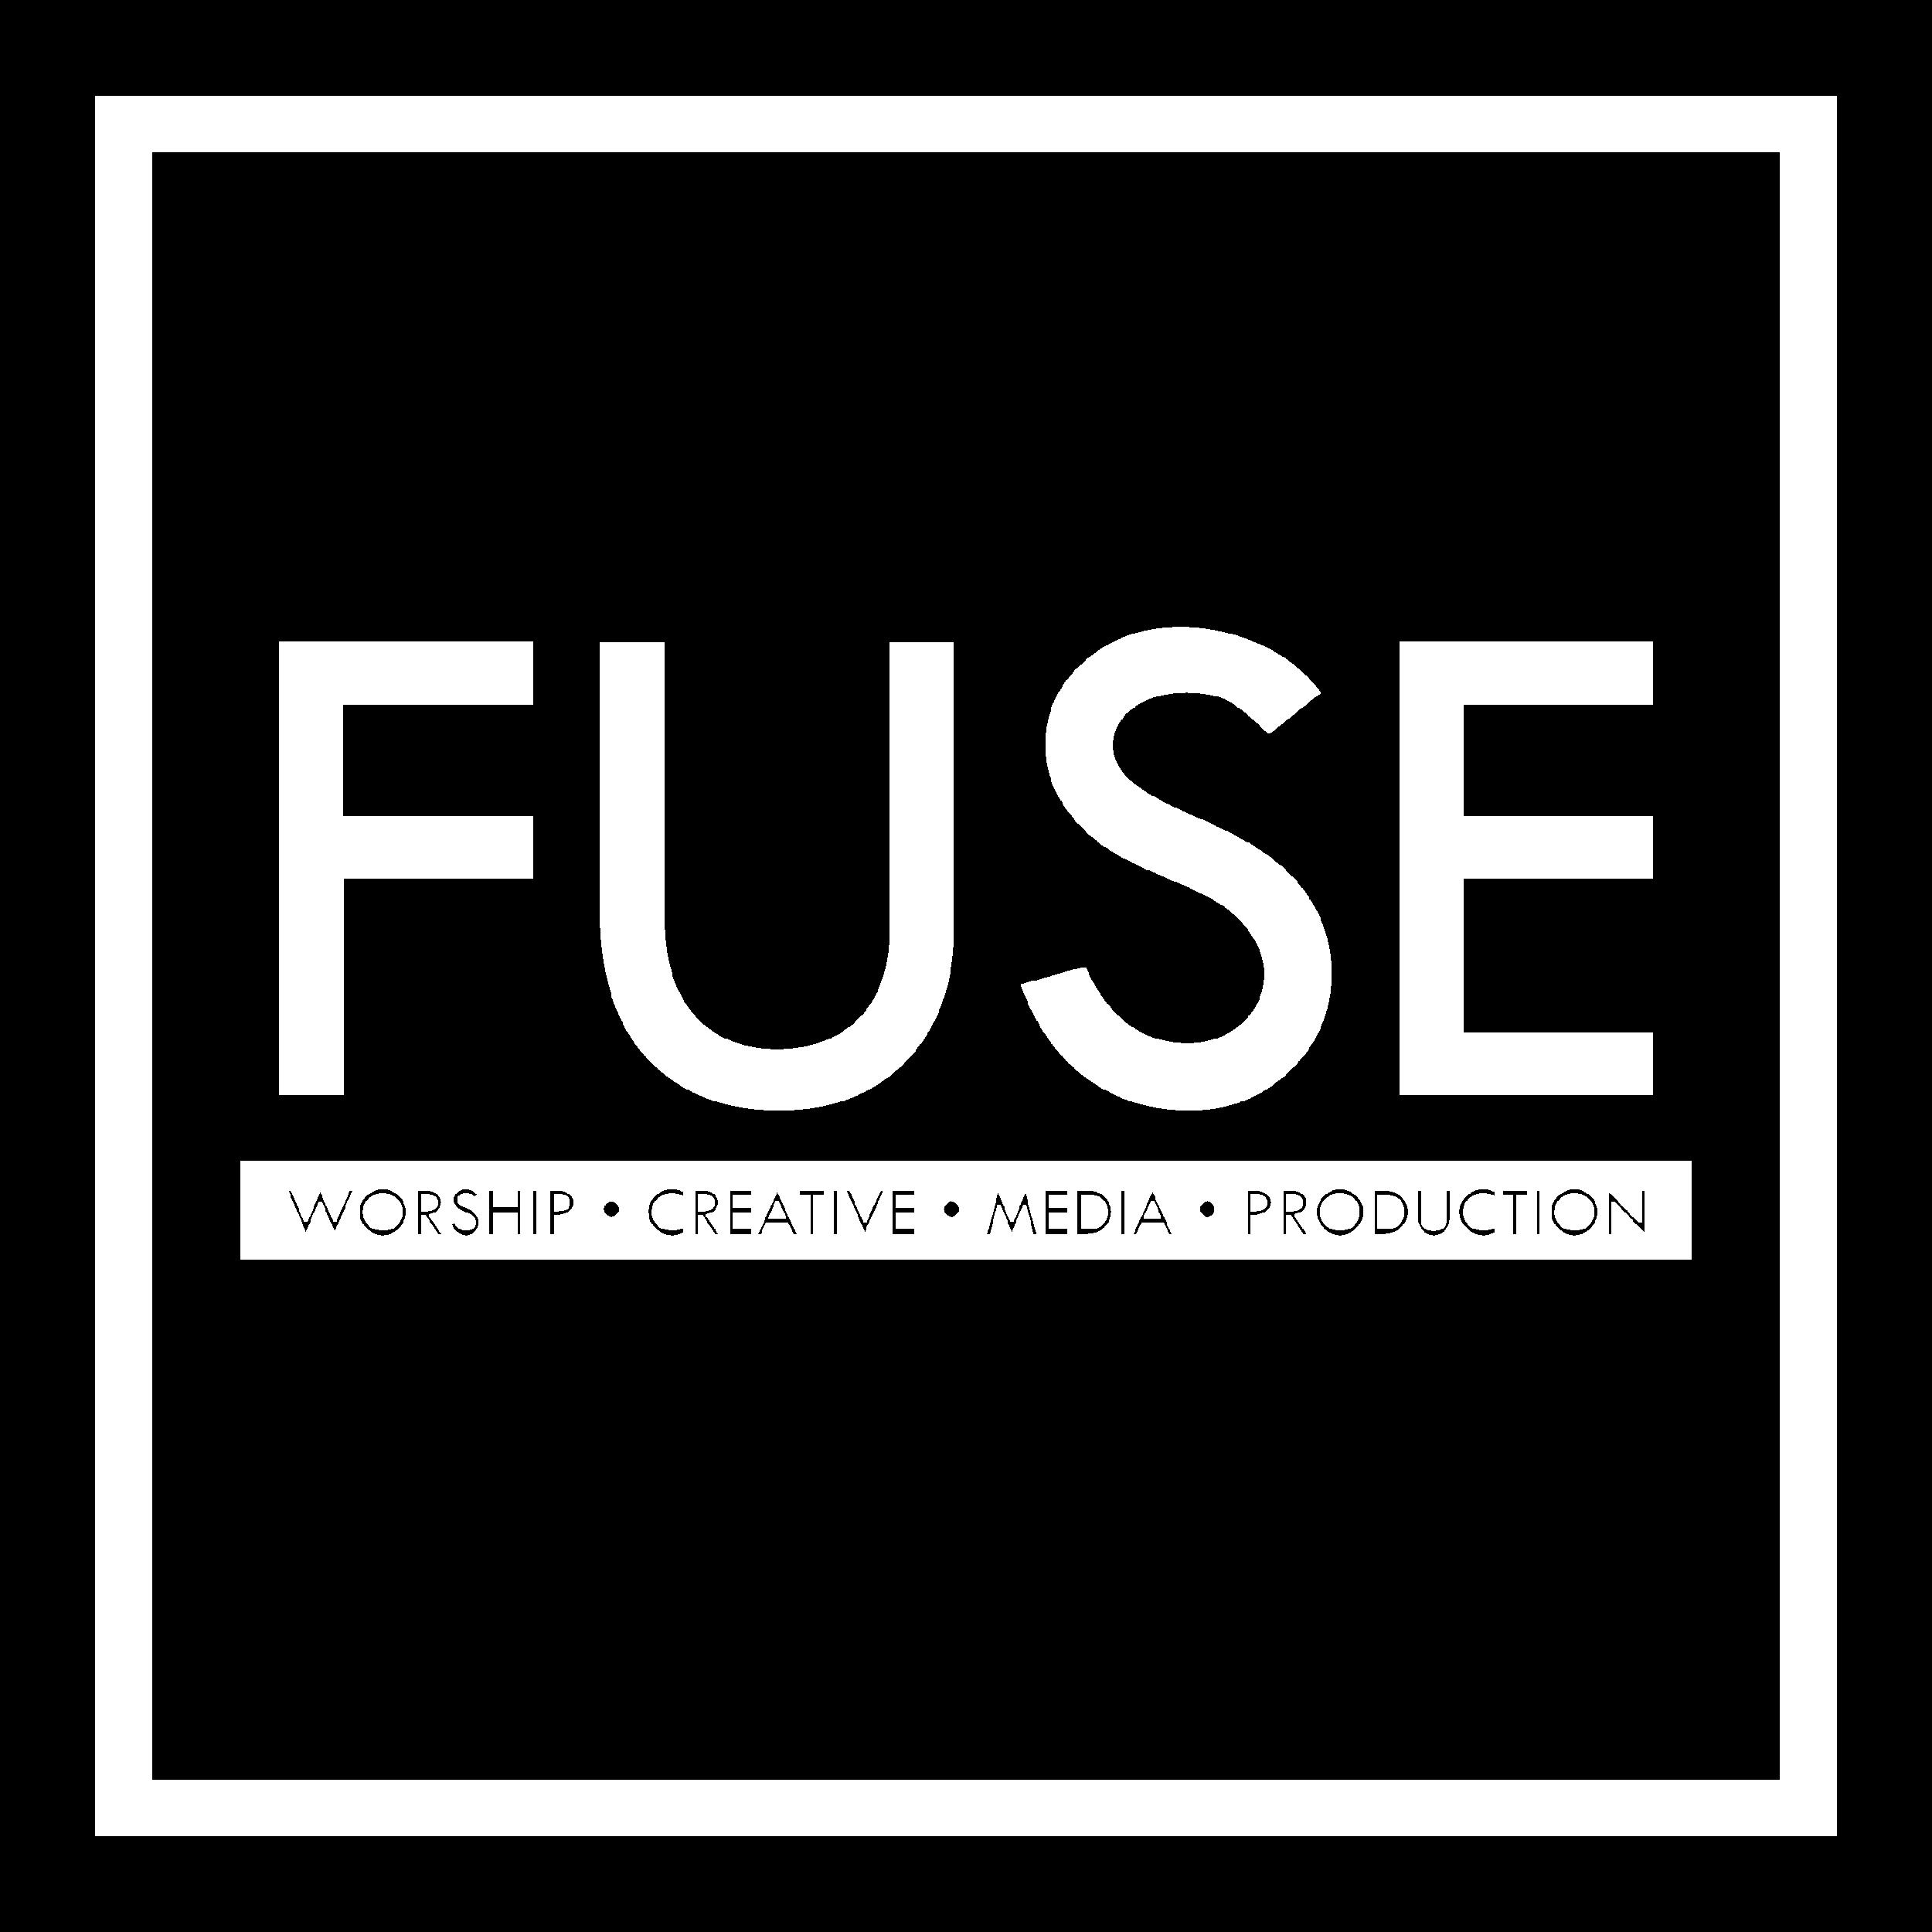 FuseWhiteLogo-01.png